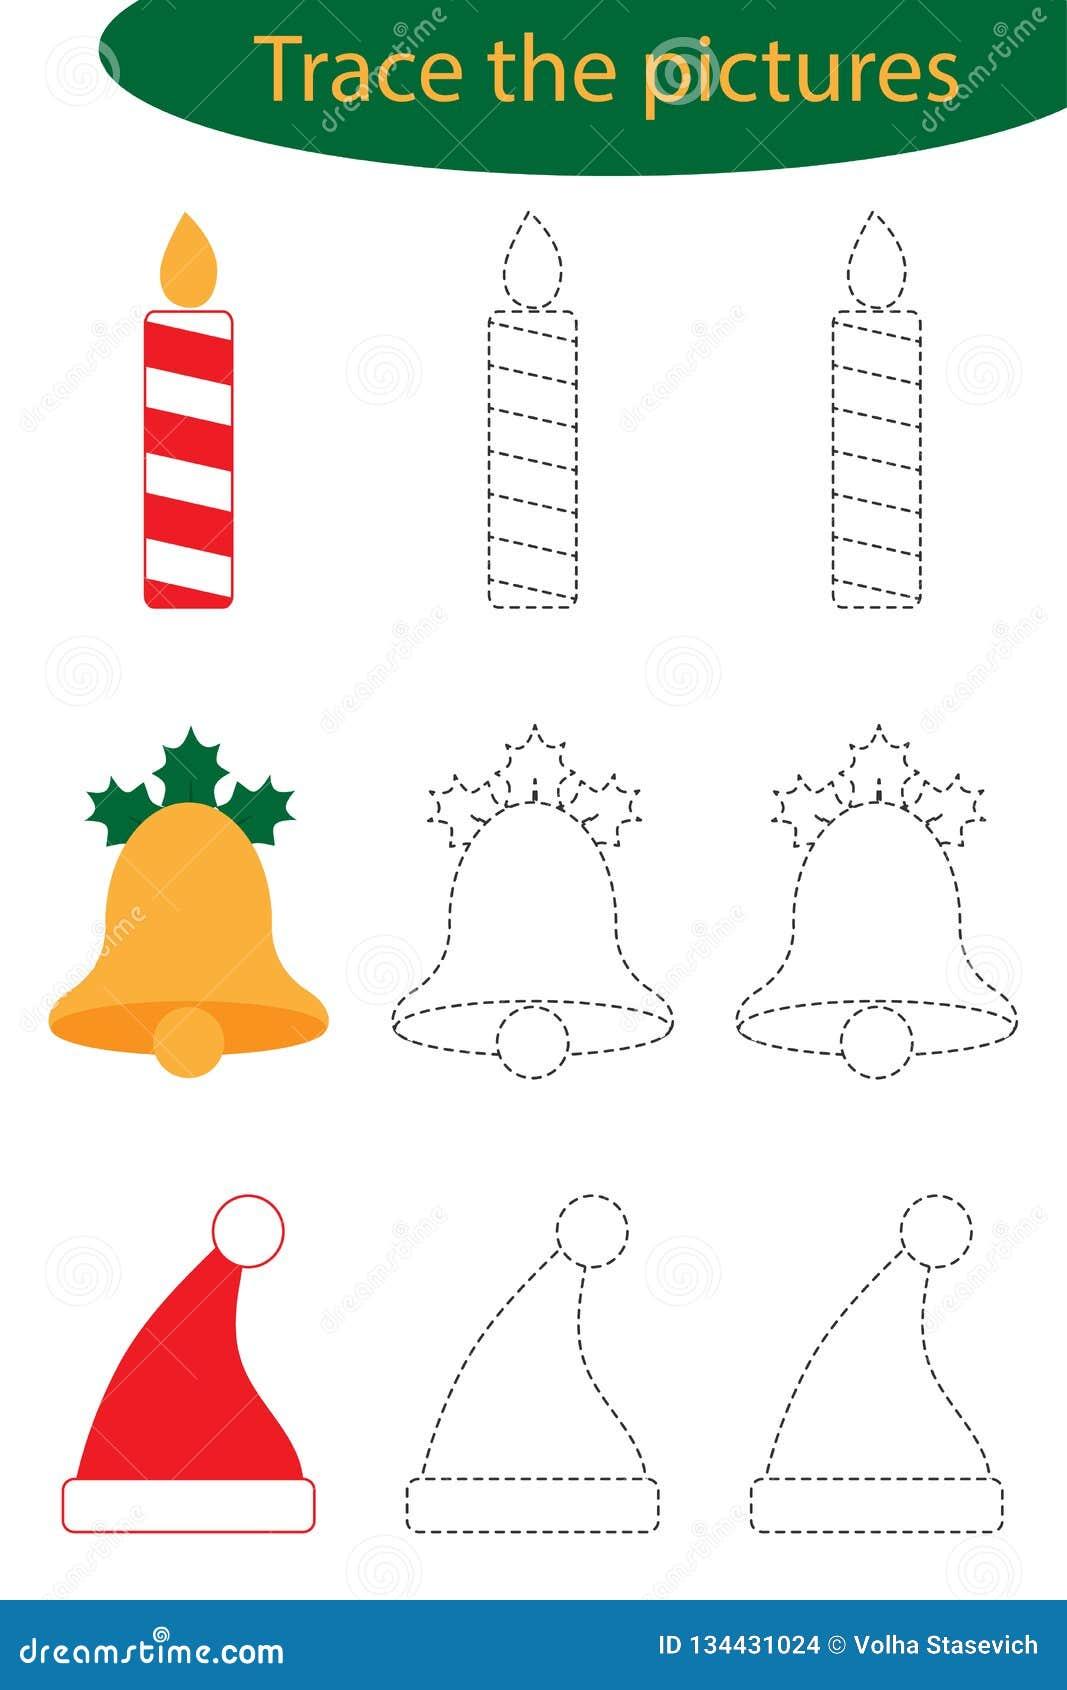 Strato di pratica della scrittura, natale, traccia le immagini - candela, campana, cappello di Santa, attività prescolare dei bam